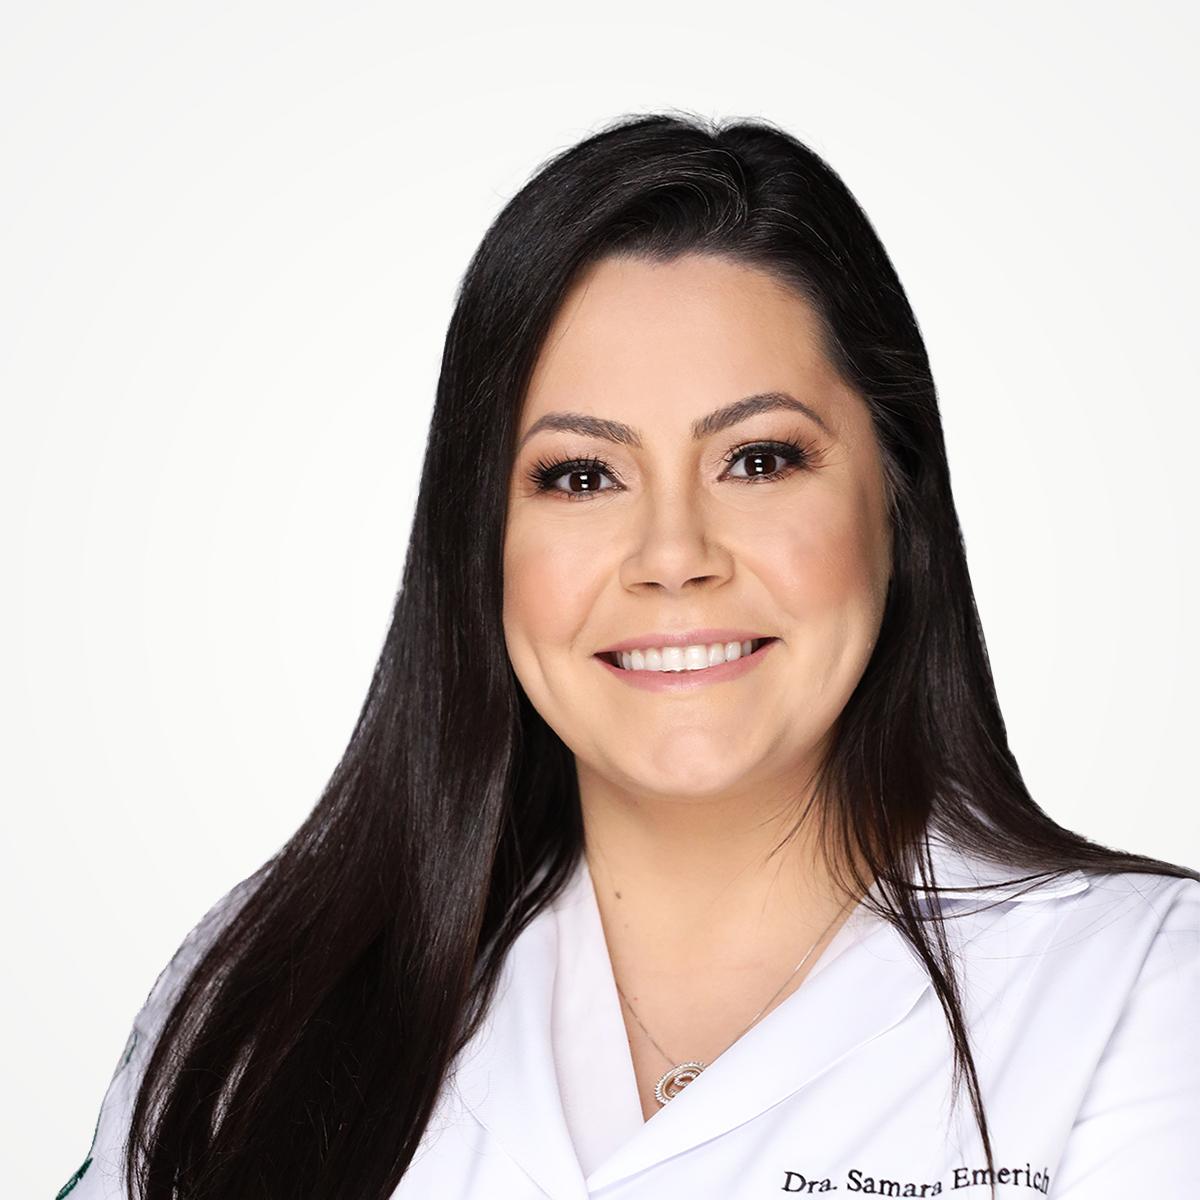 Dra Samara